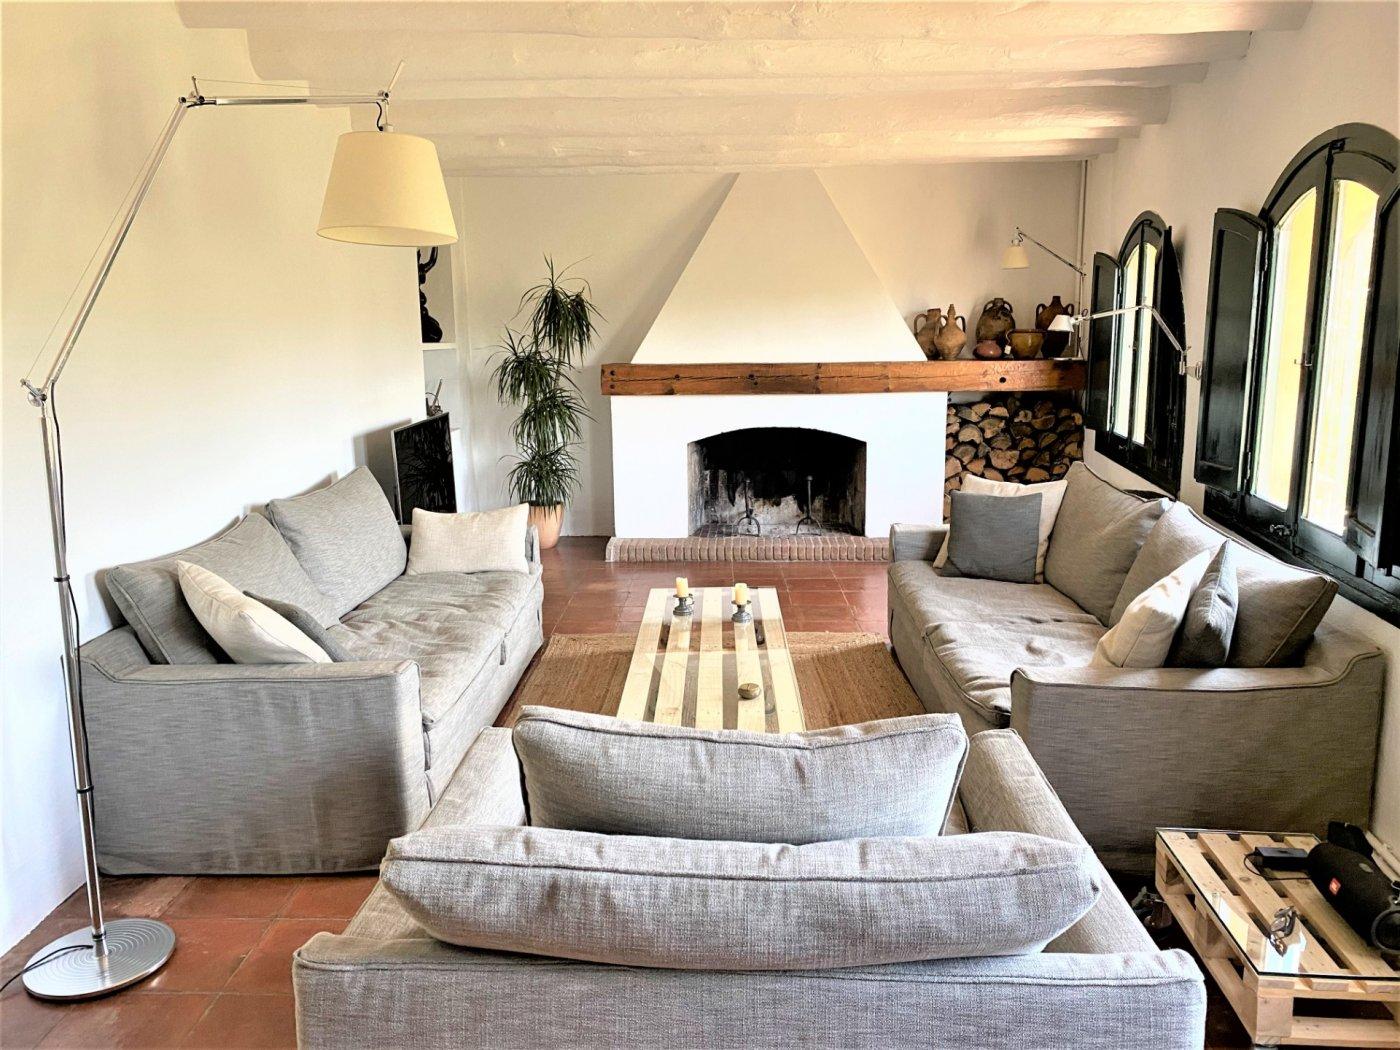 Casa en venta en montblanc - imagenInmueble18